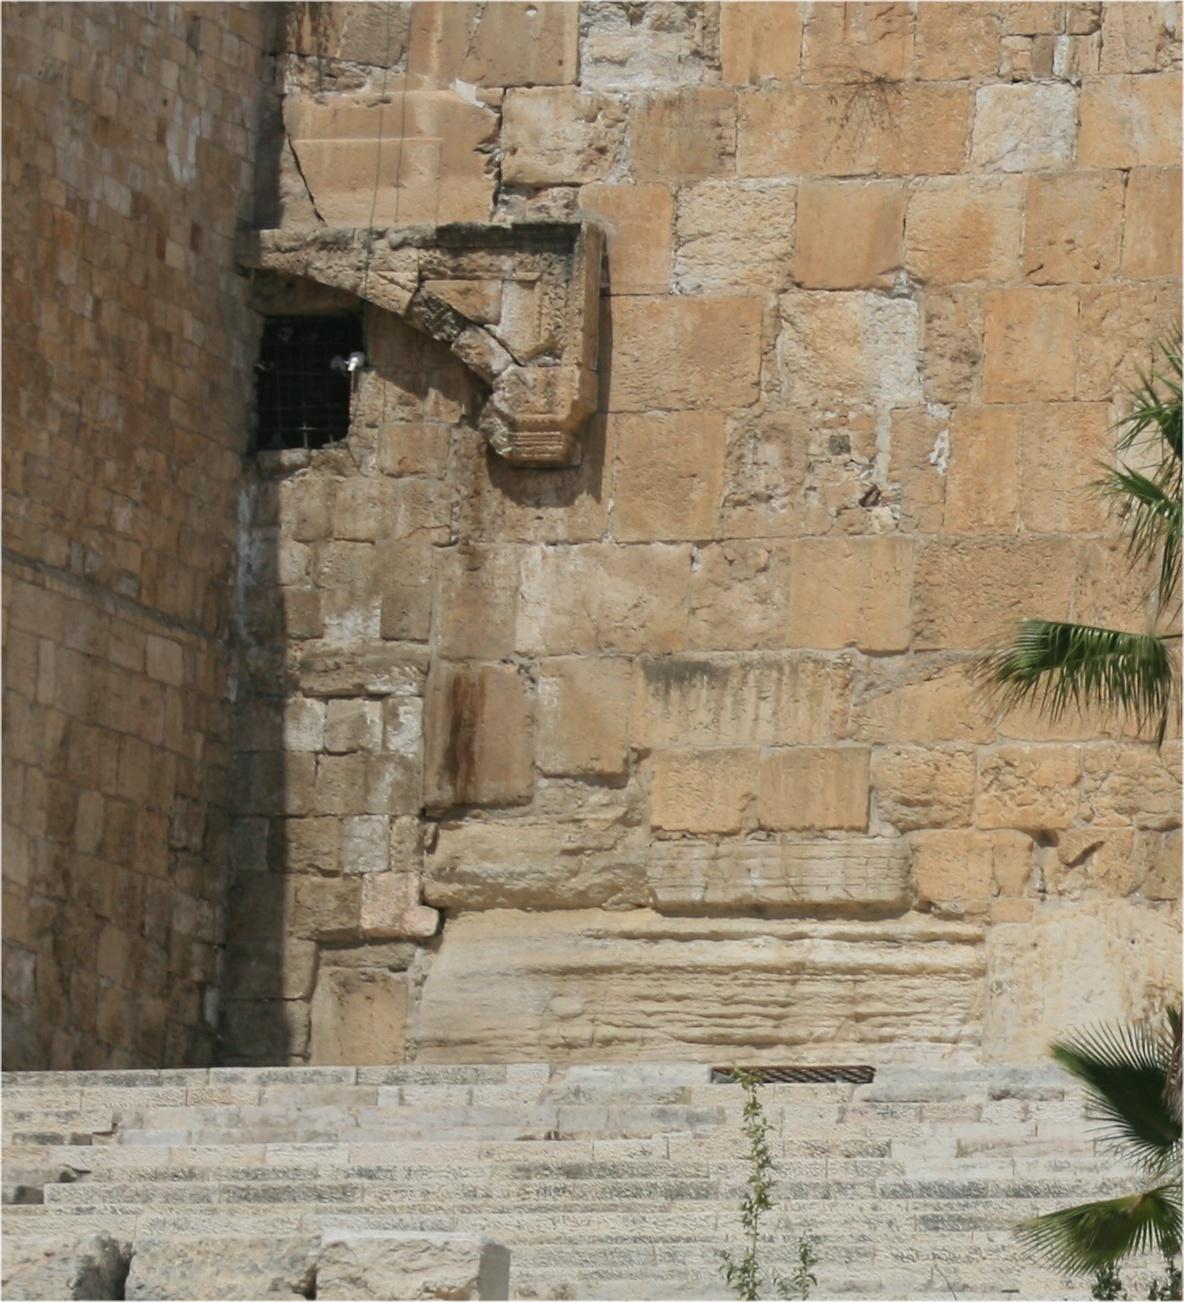 Hezekiah's Sign